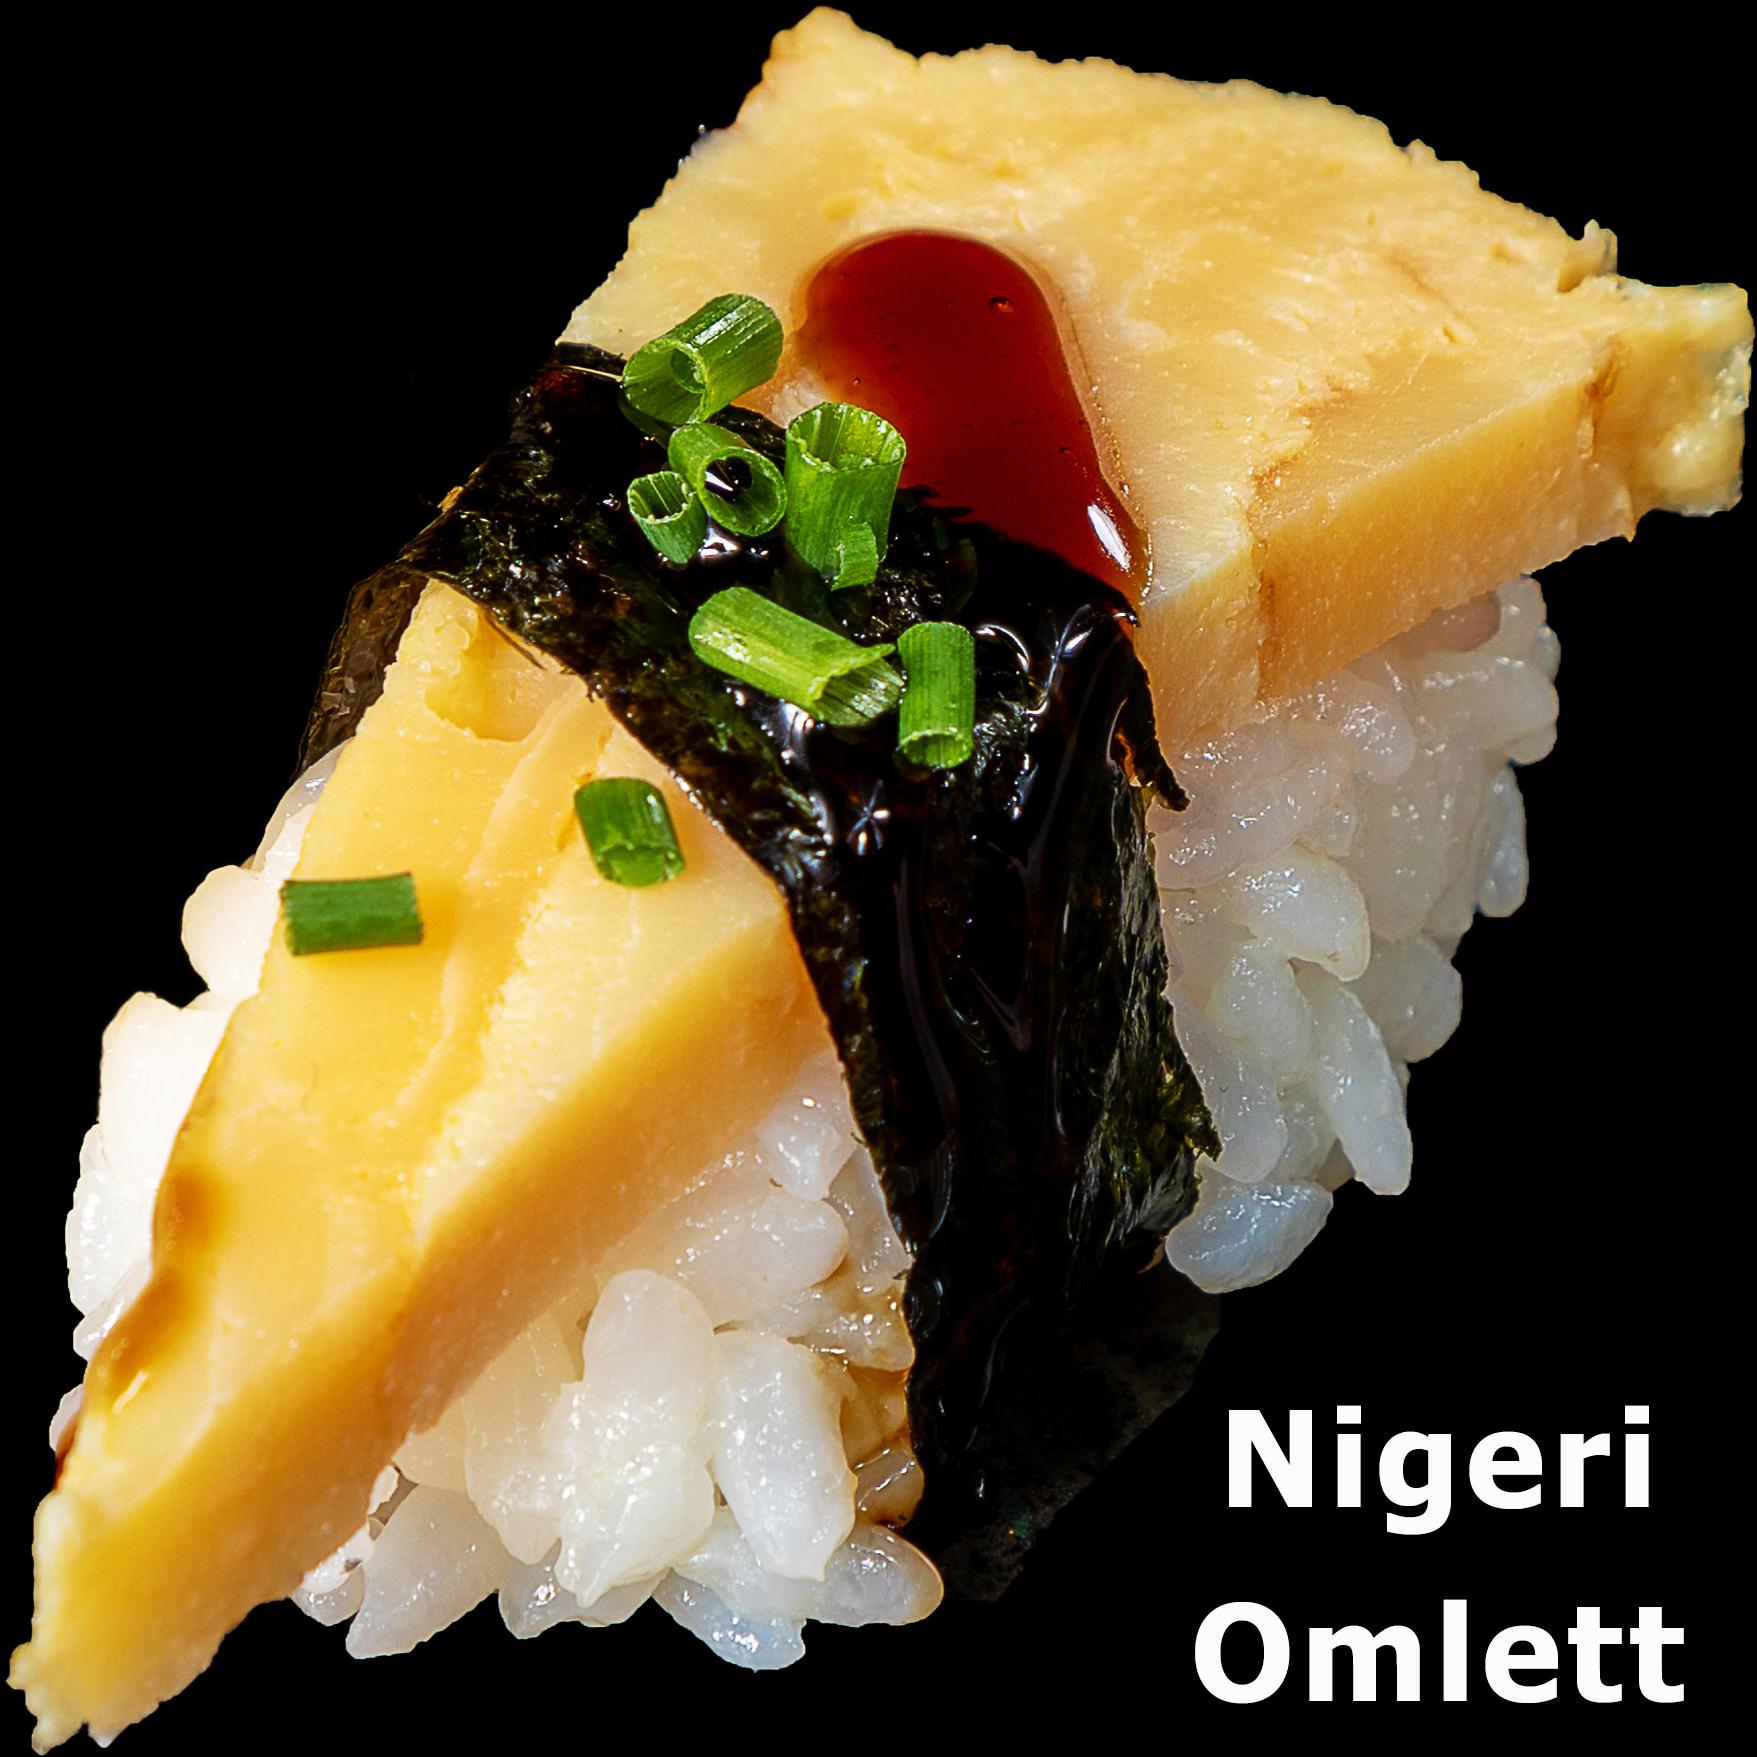 54. Nigeri Omlett